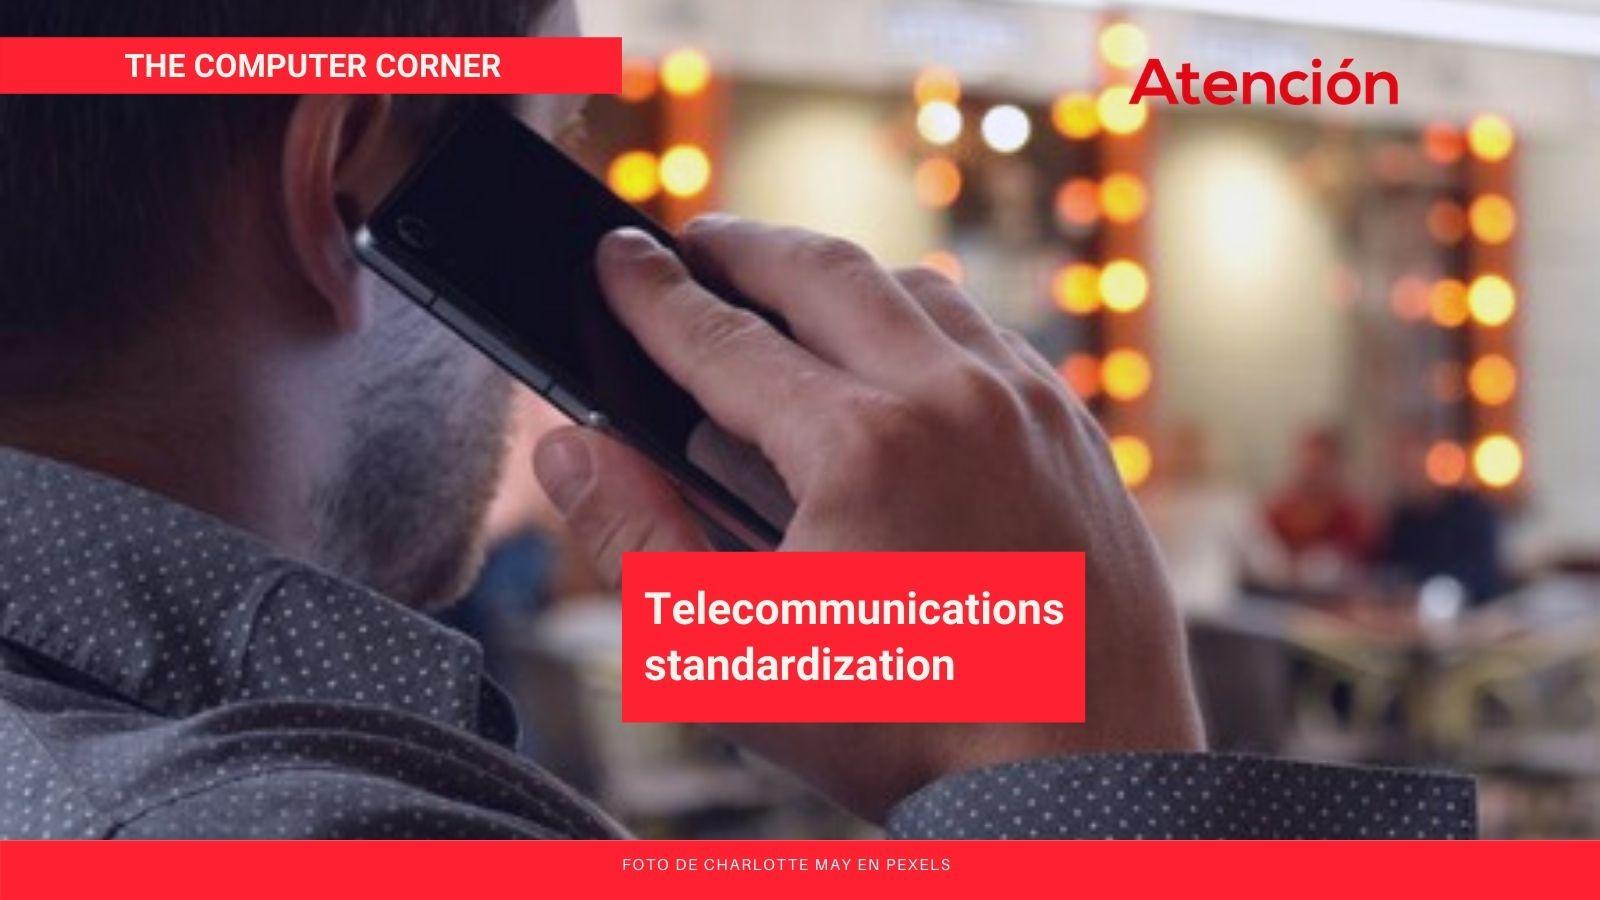 Telecommunications-standardization-.jpg